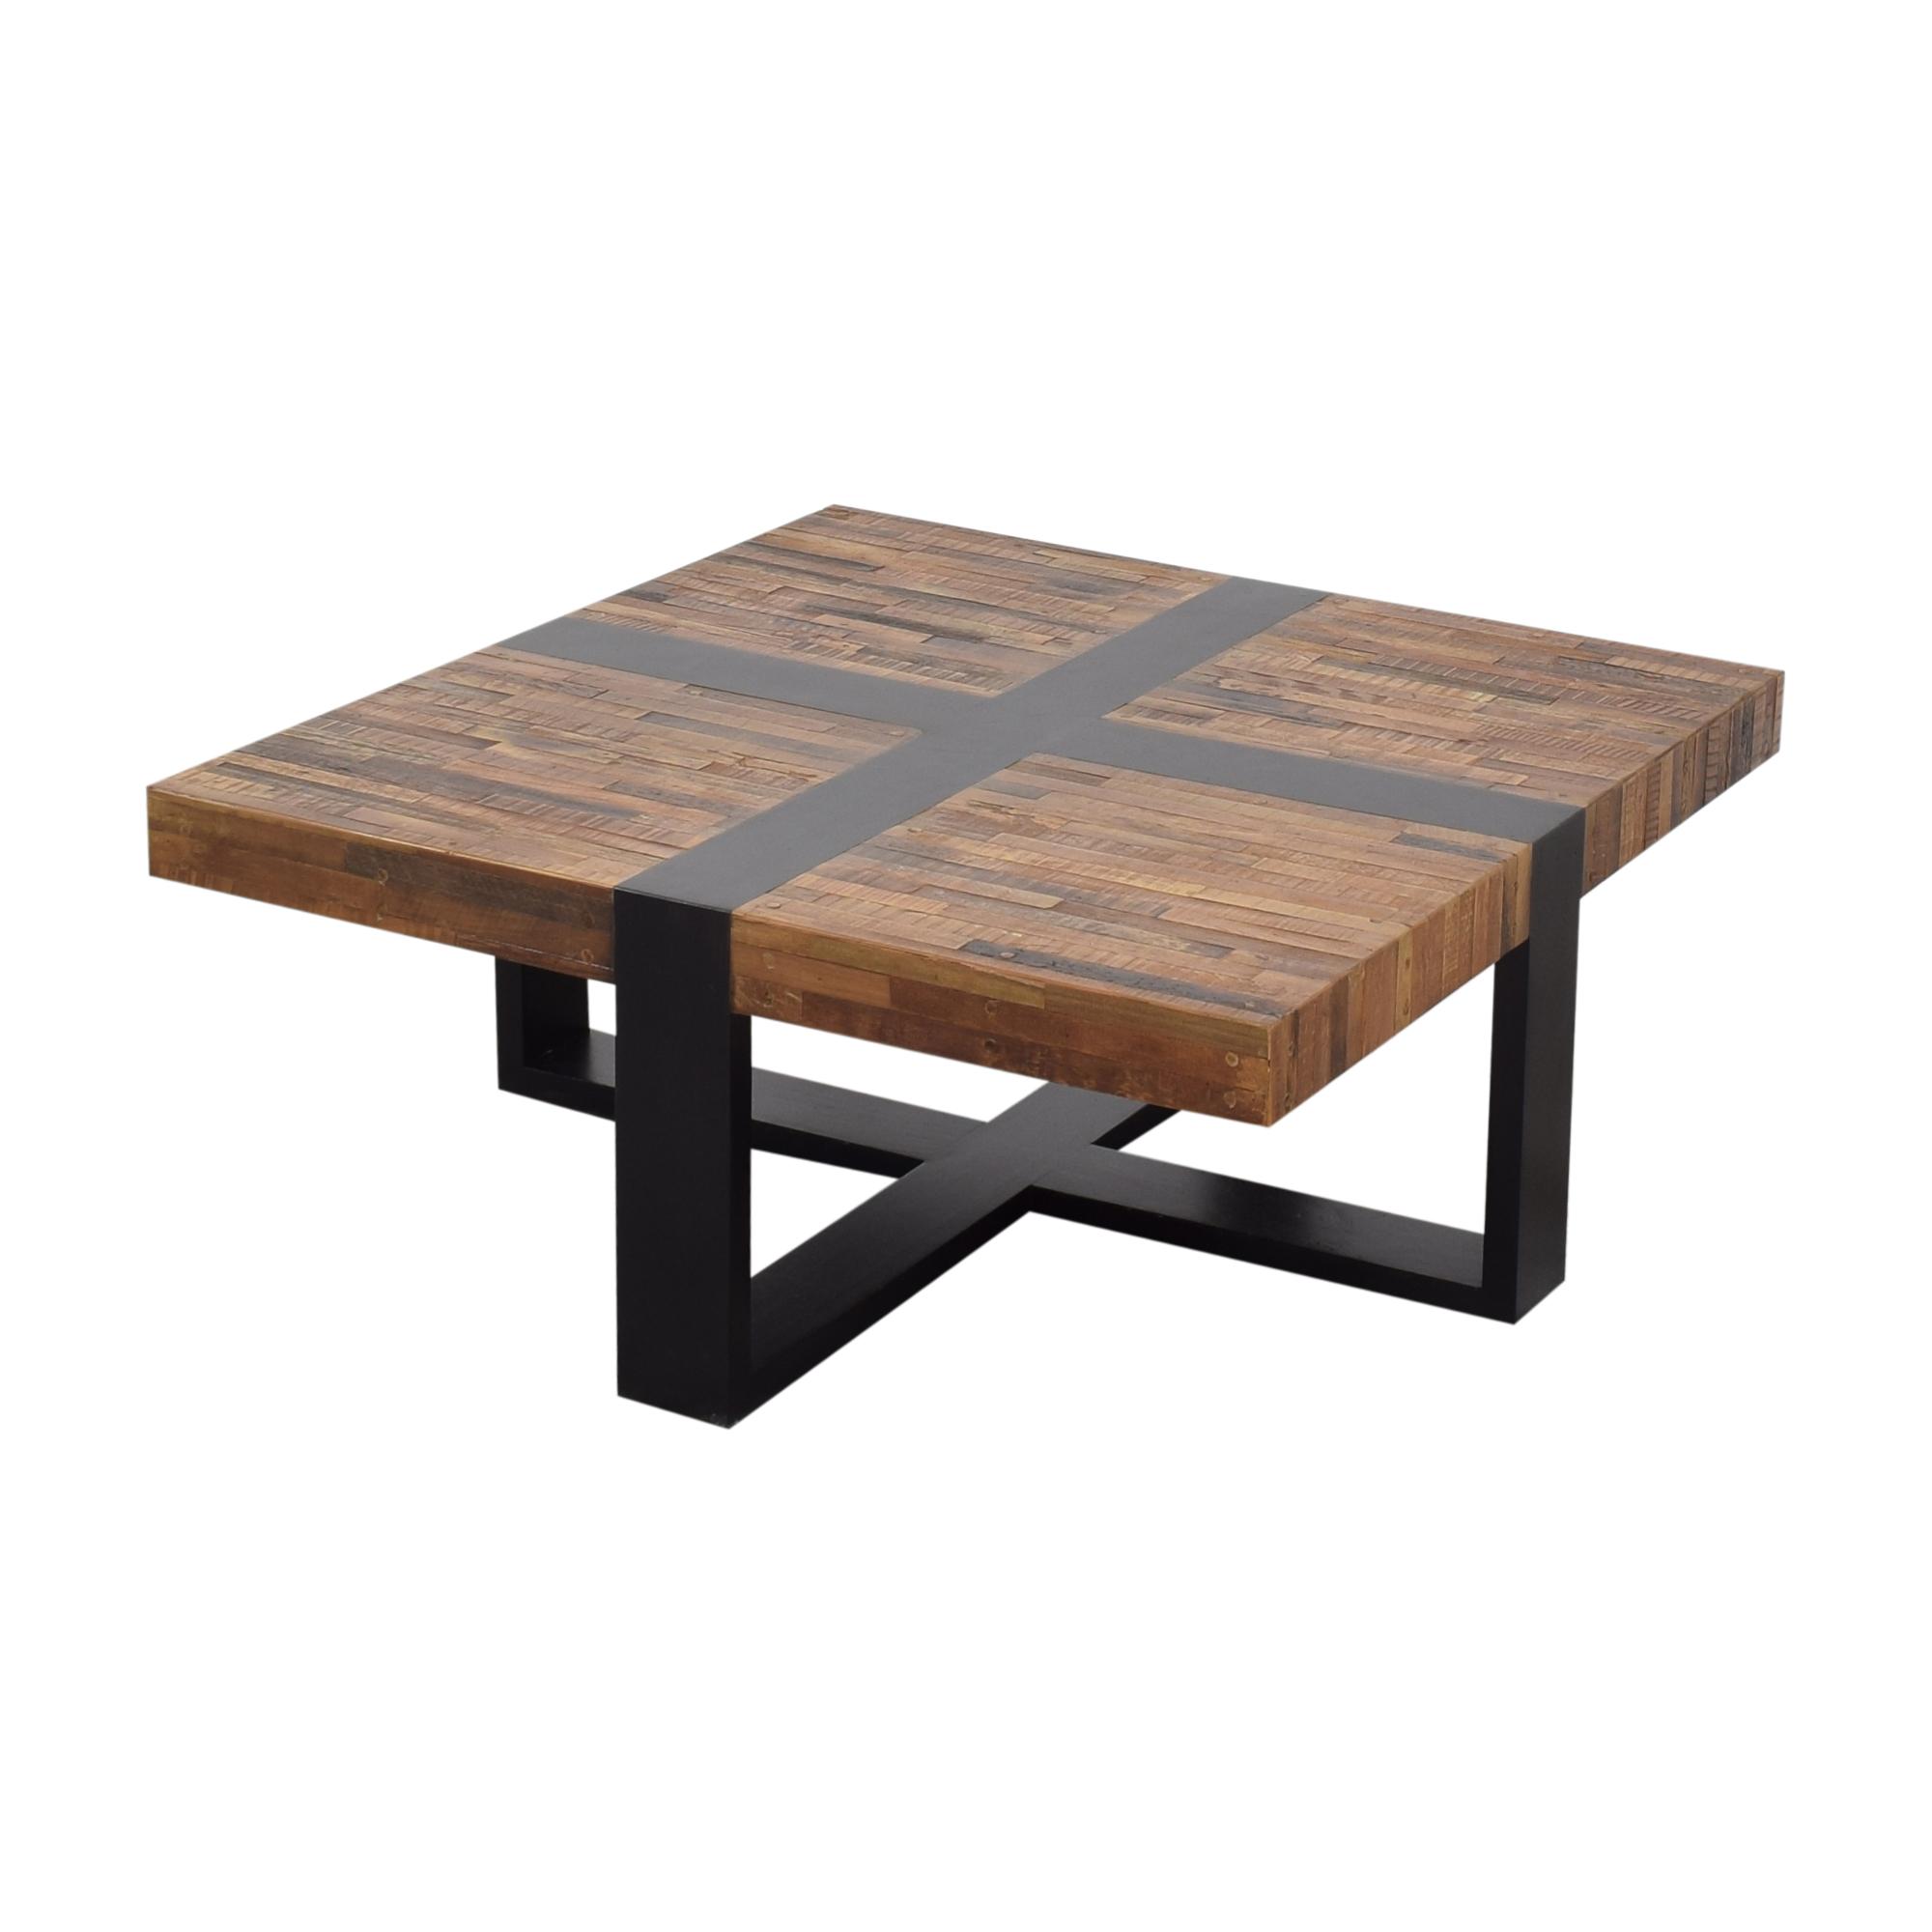 Crate & Barrel Crate & Barrel Seguro Square Coffee Table Tables